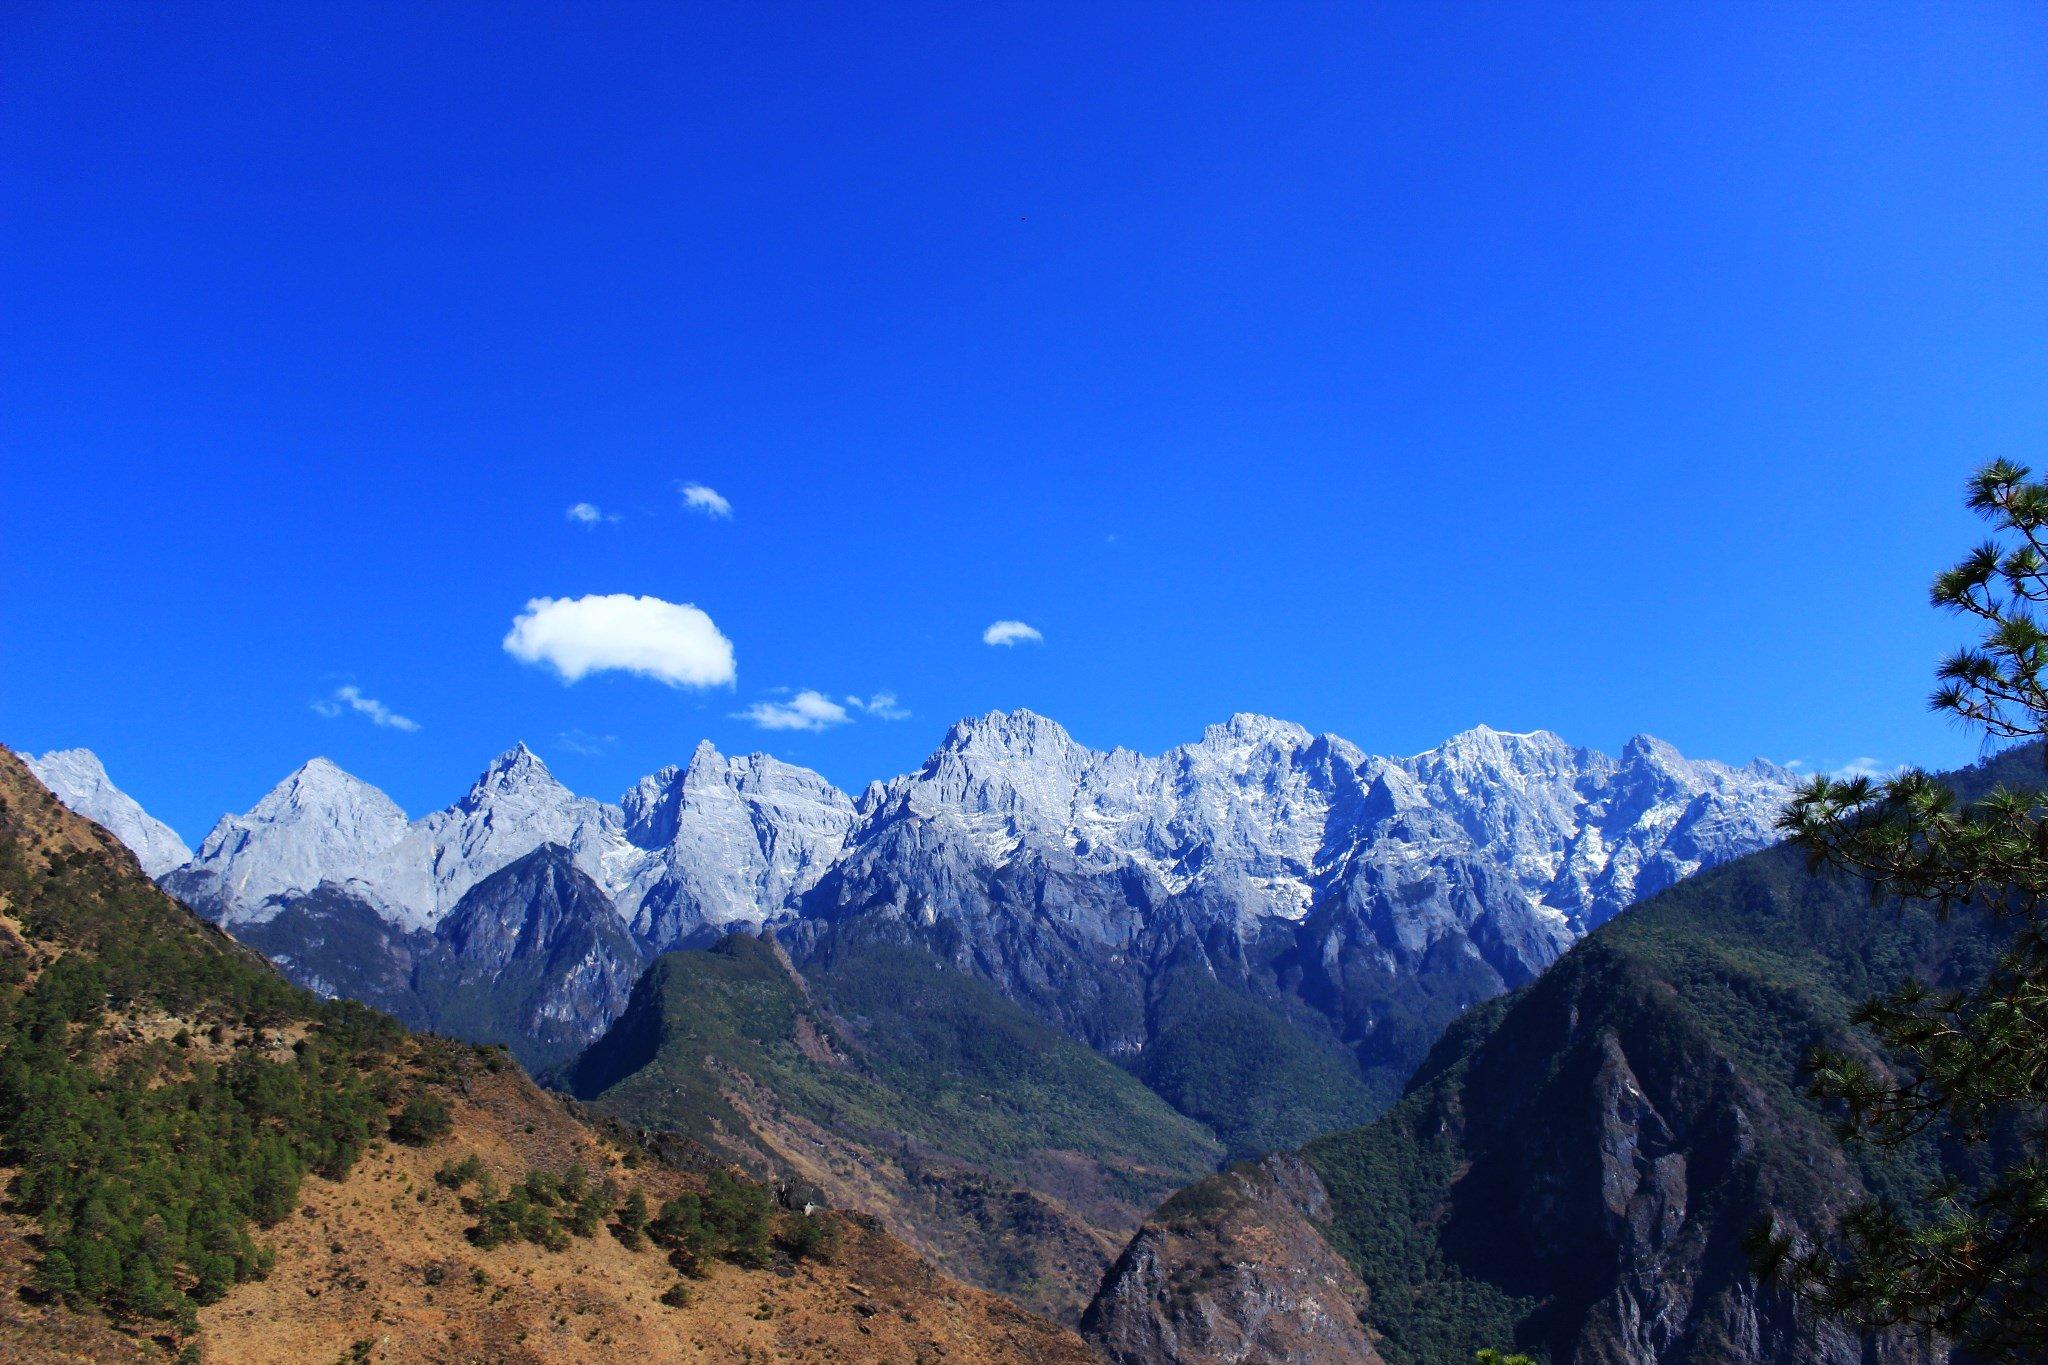 哈巴雪山大环线徒步路线-哈巴雪山虎跳峡徒步穿越攀登